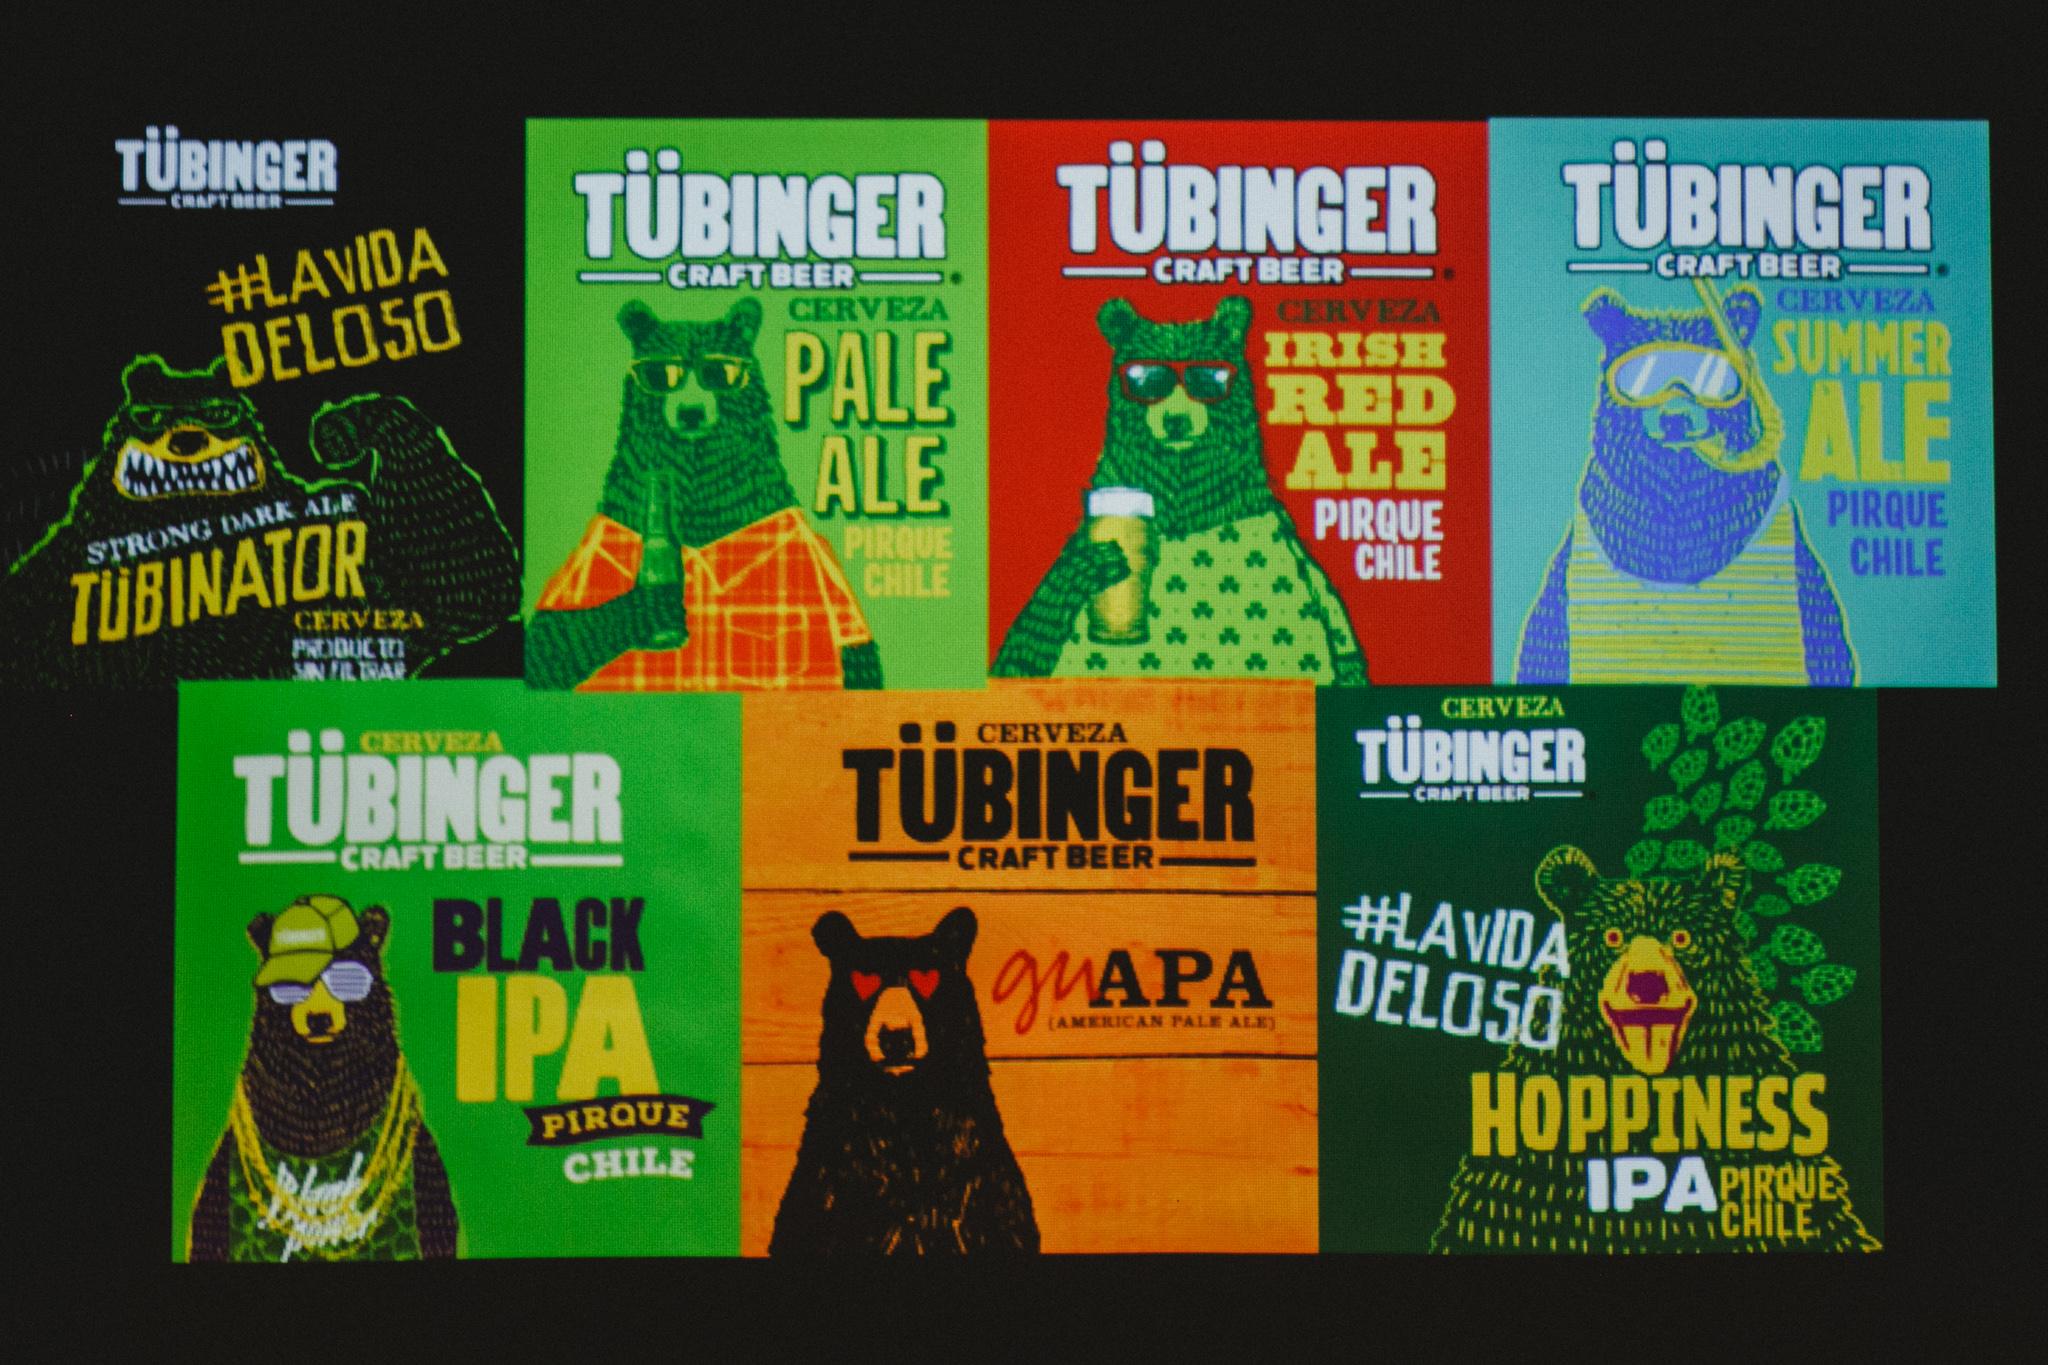 tubinger